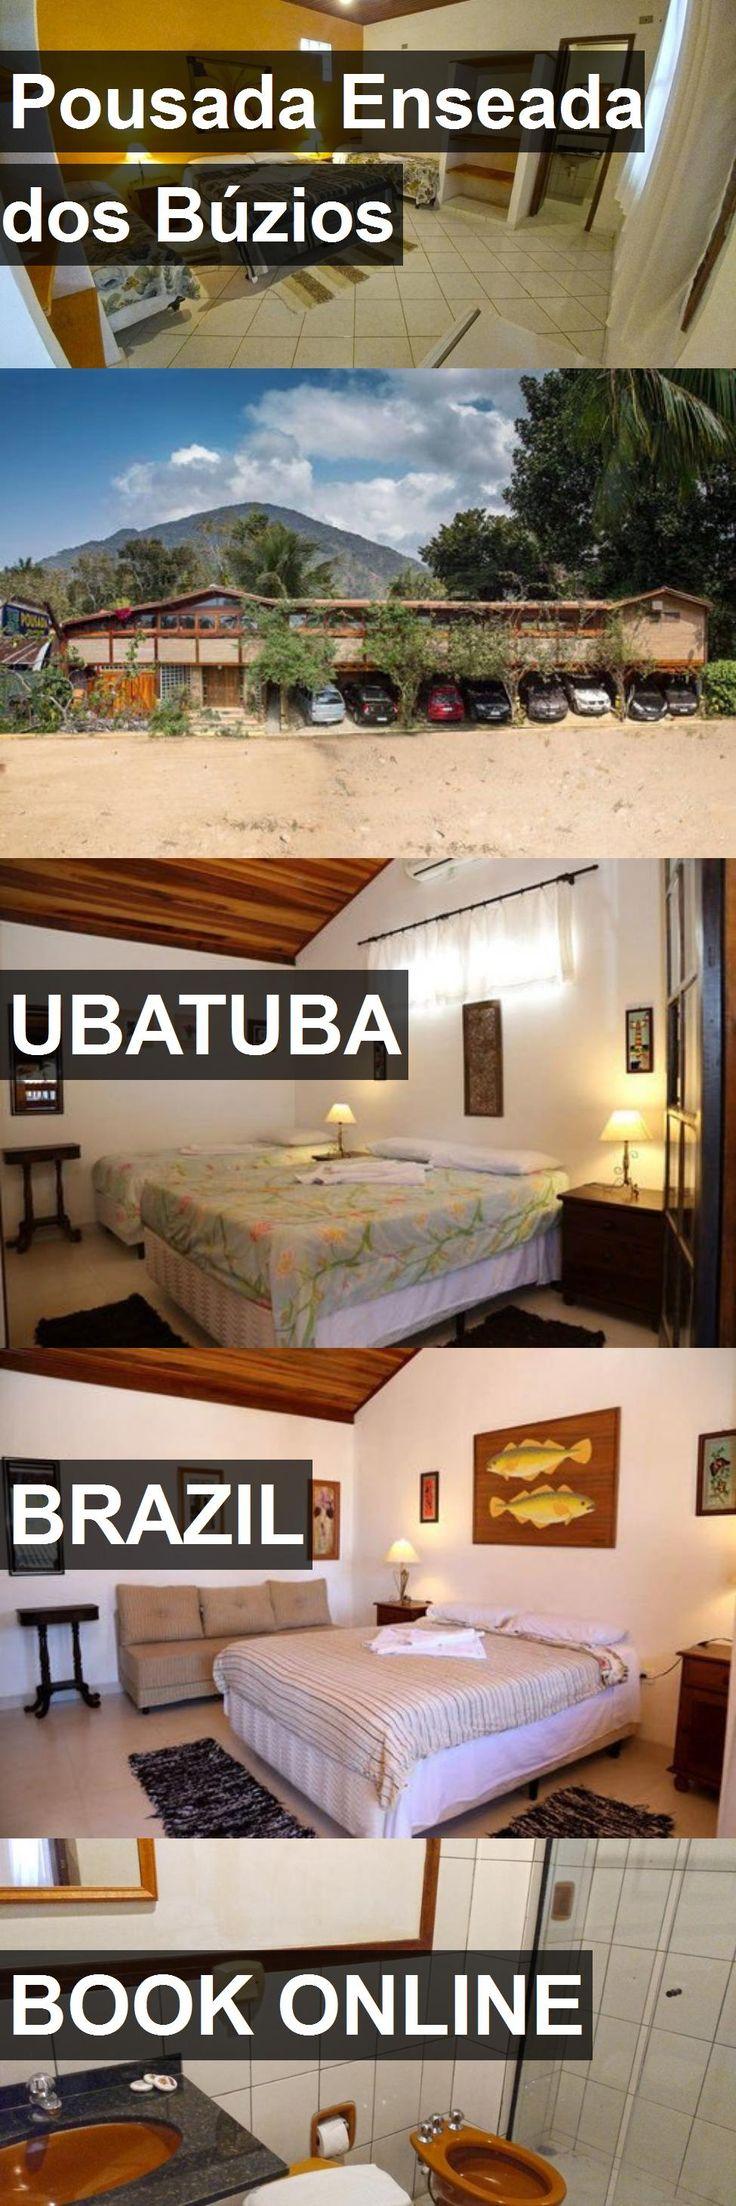 Hotel Pousada Enseada dos Búzios in Ubatuba, Brazil. For more information, photos, reviews and best prices please follow the link. #Brazil #Ubatuba #PousadaEnseadadosBúzios #hotel #travel #vacation